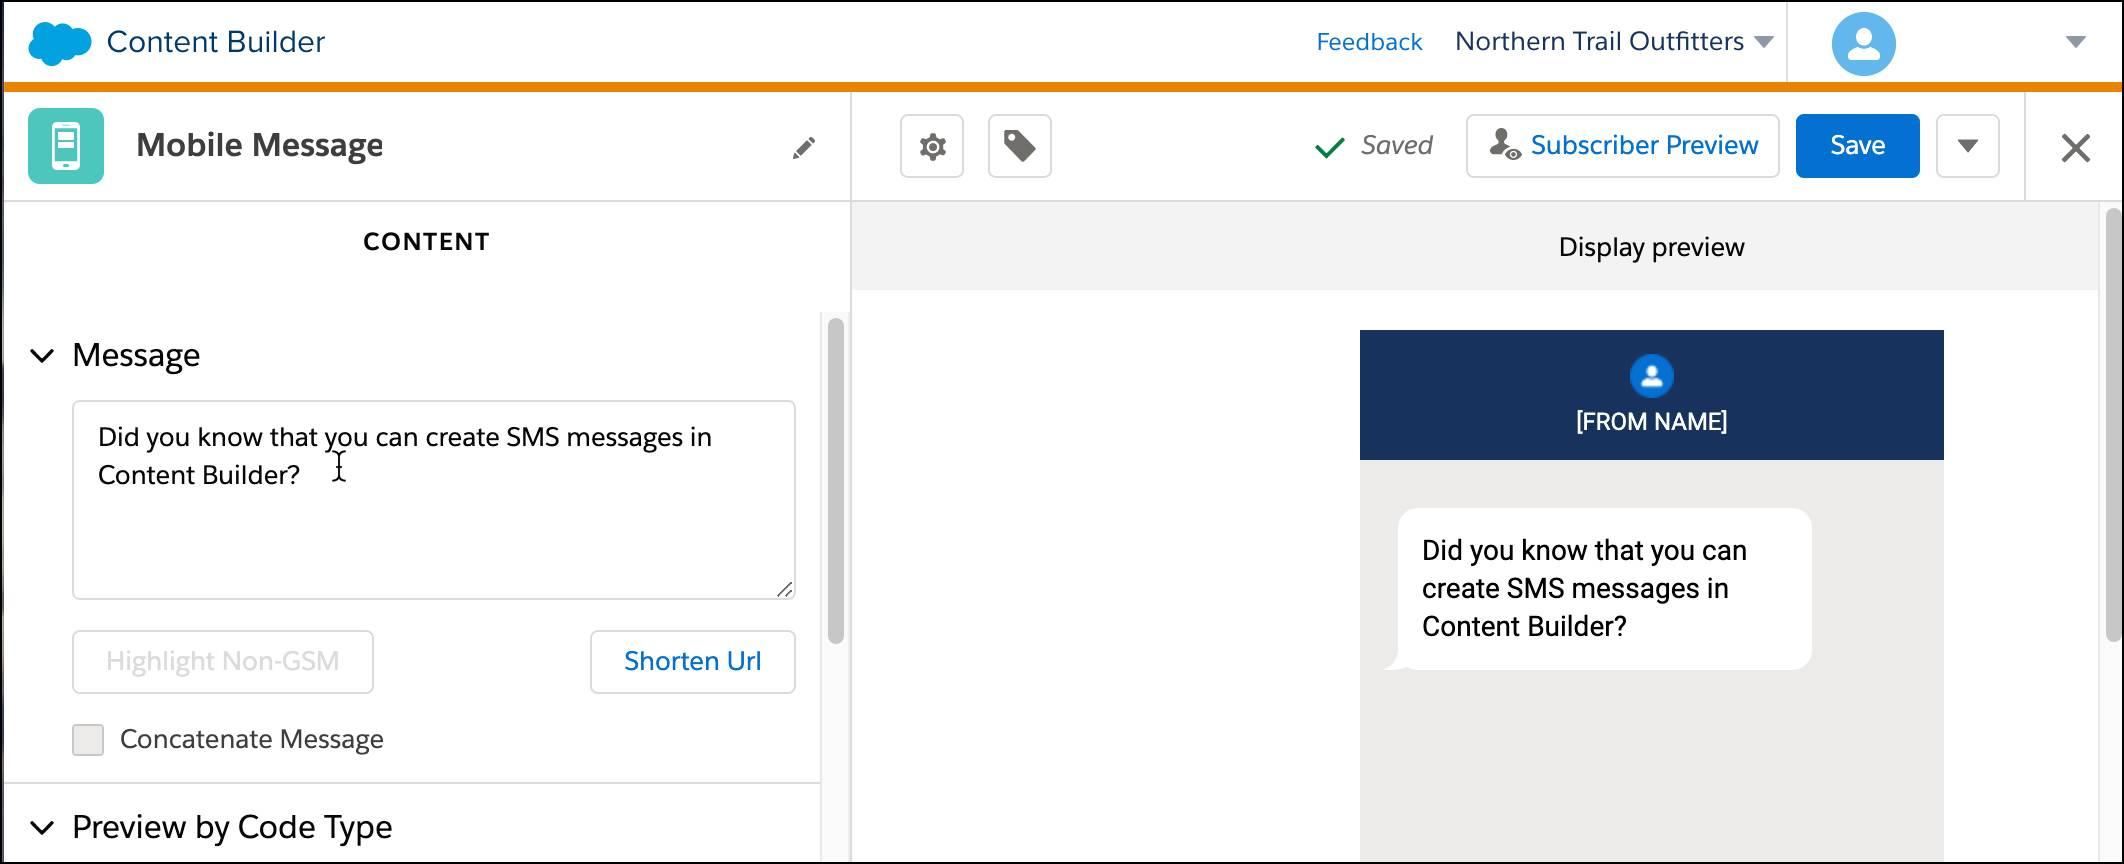 新しい SMS メッセージを作成する Content Builder インターフェース。